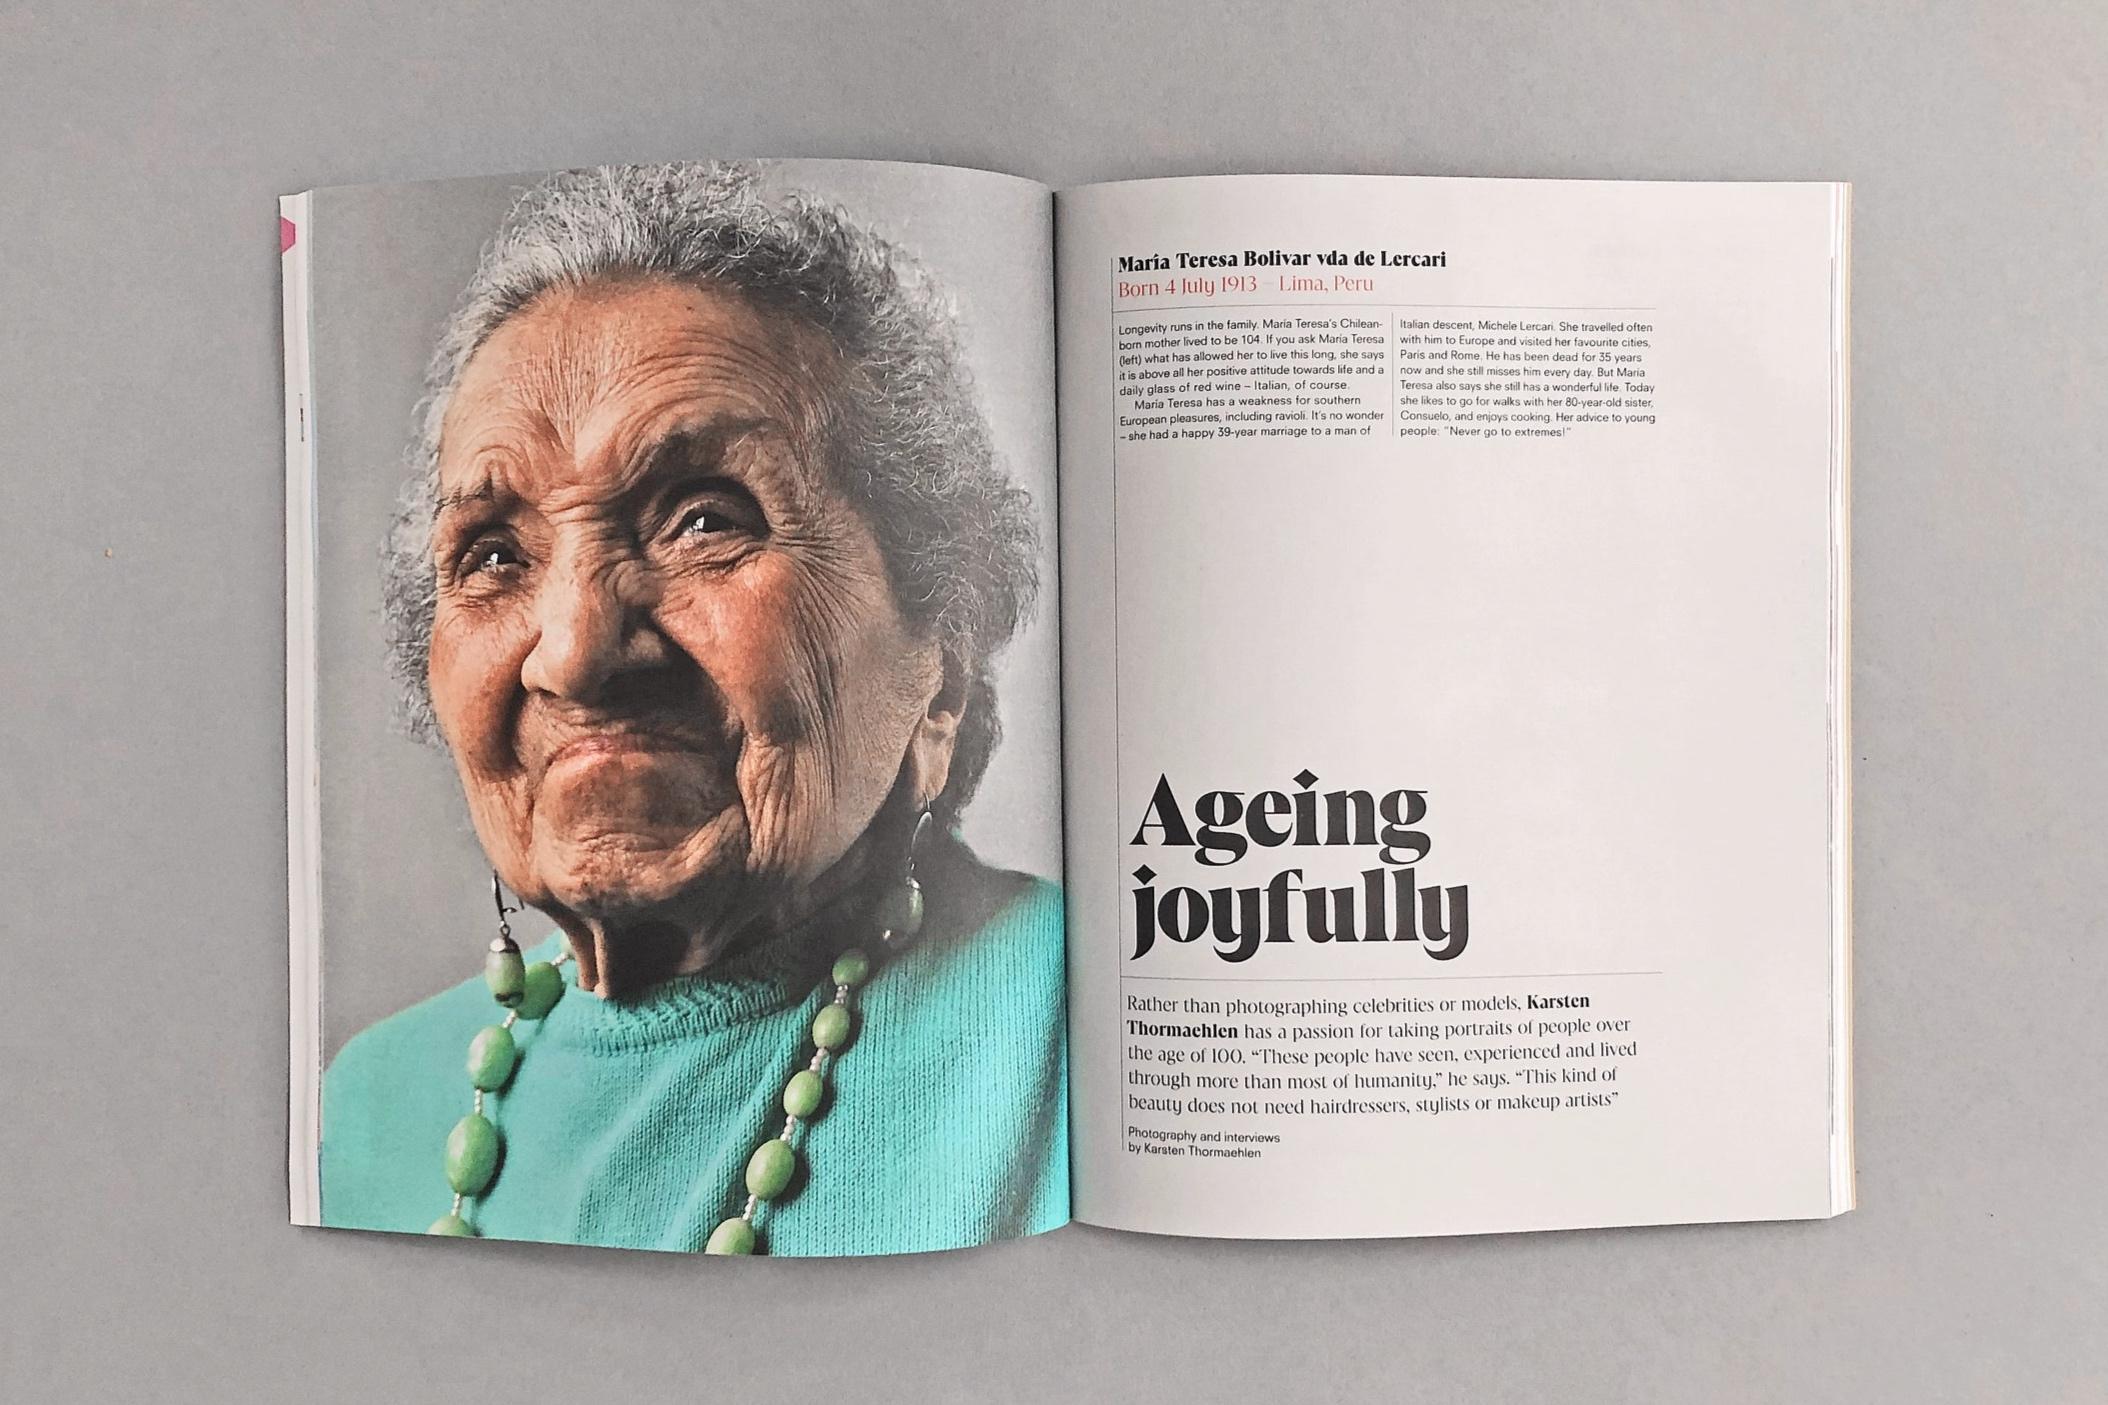 Maria Teresa Bolivar vda de Lercari, 102, Lima, Peru, 2015 © Karsten Thormaehlen